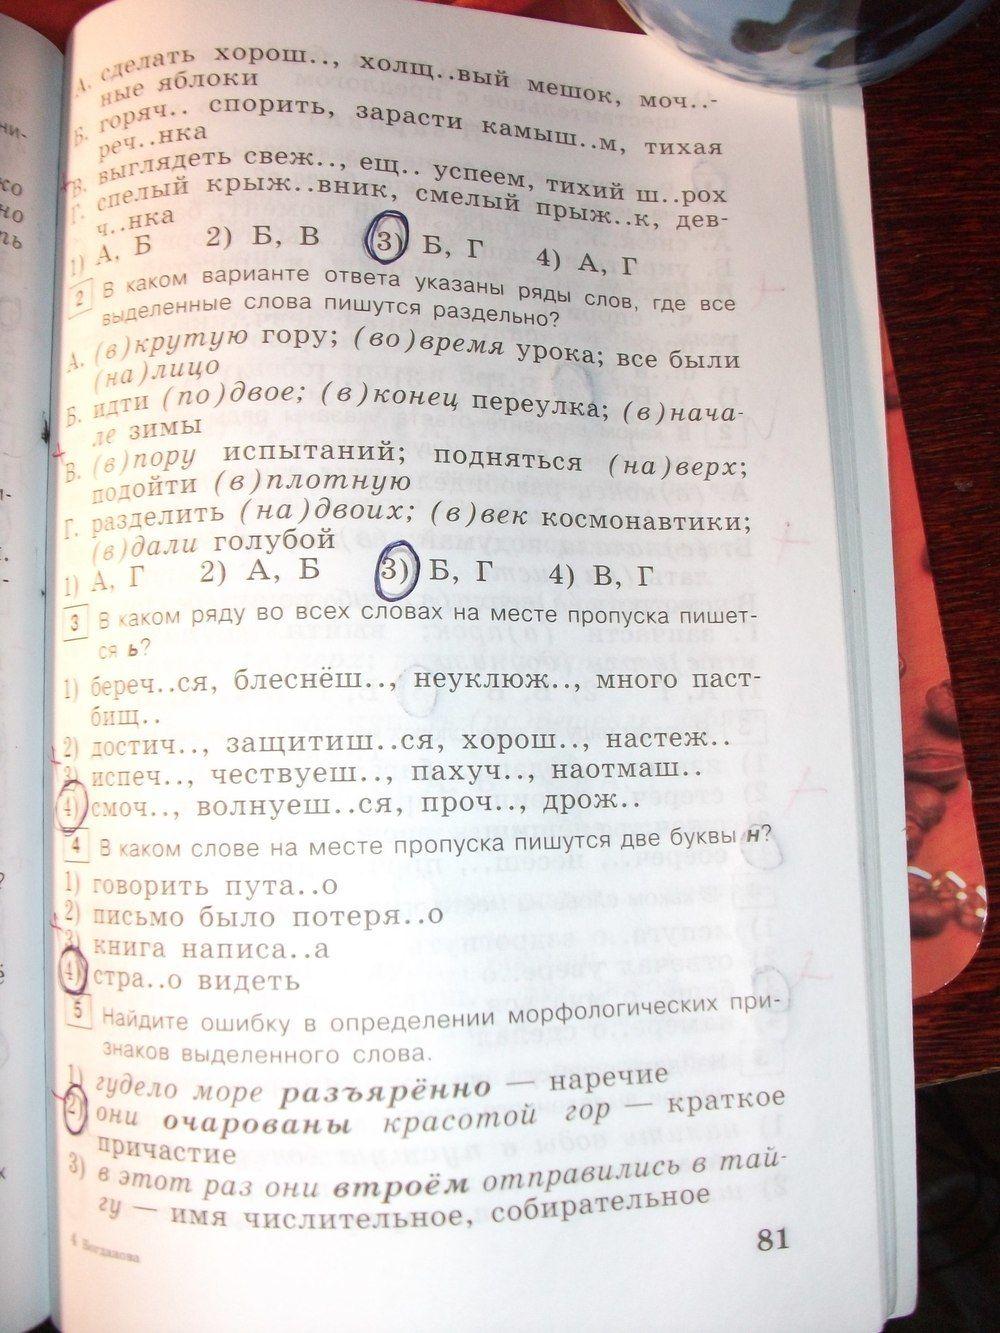 Гдз тестовое задание по русскому языку богданова 7 класс онлайн